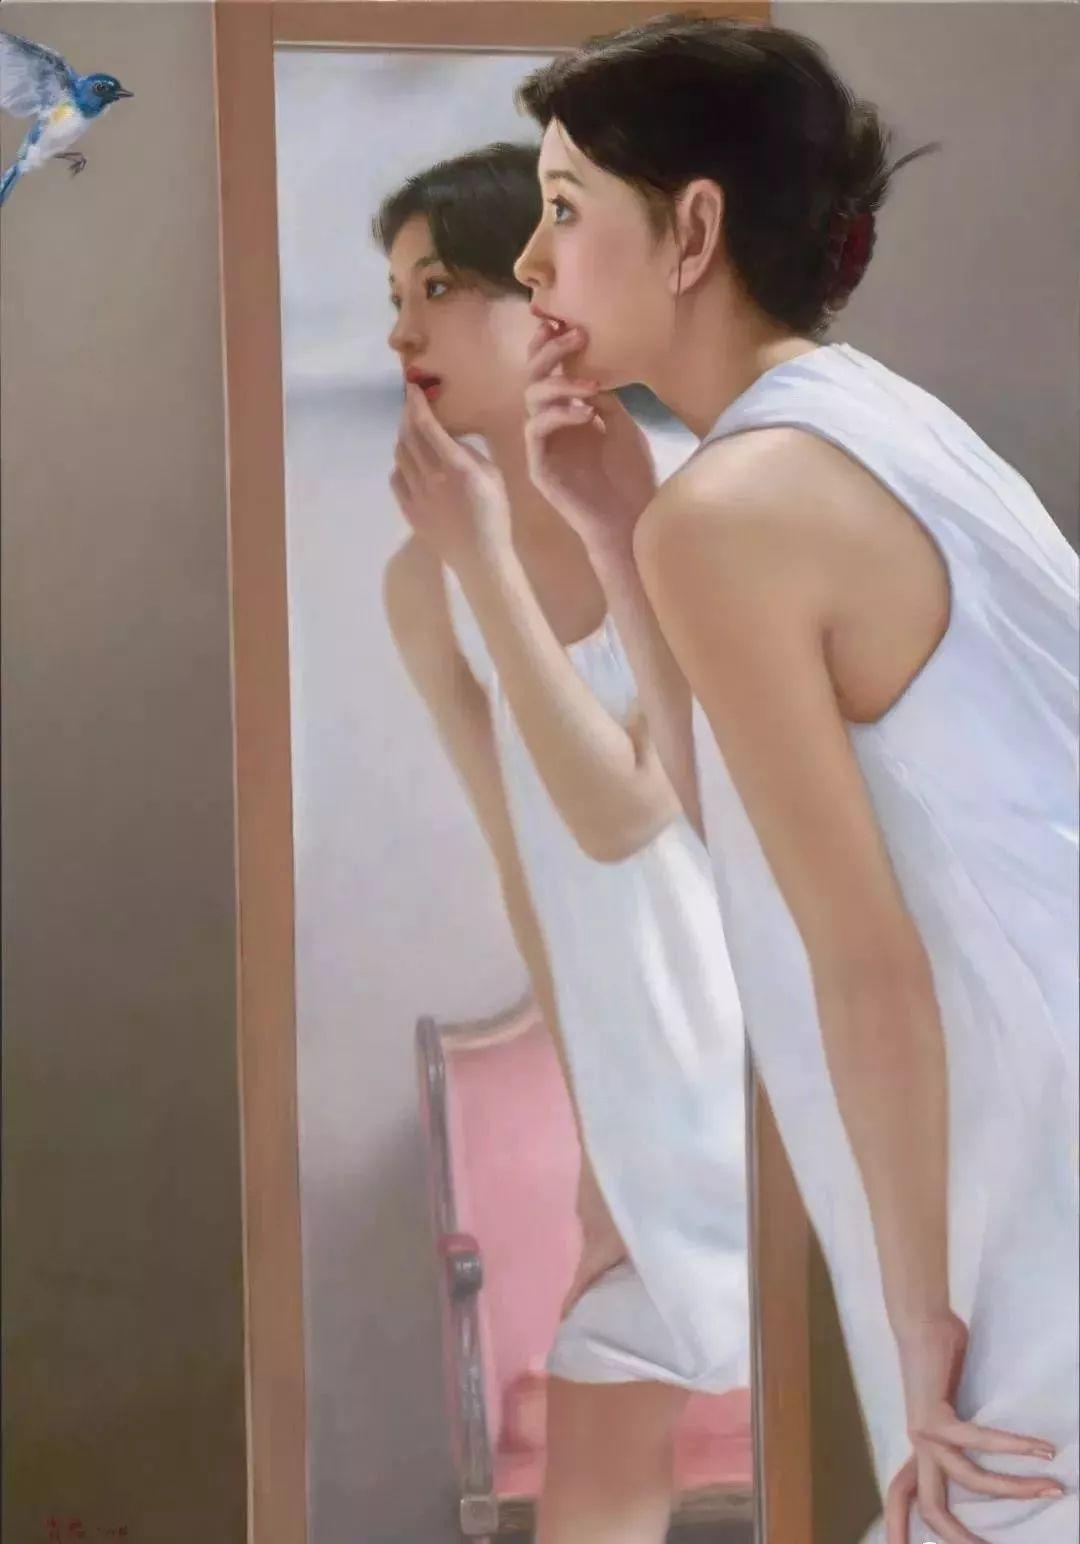 35年专注画青春美少女,最贵画作卖708万插图9